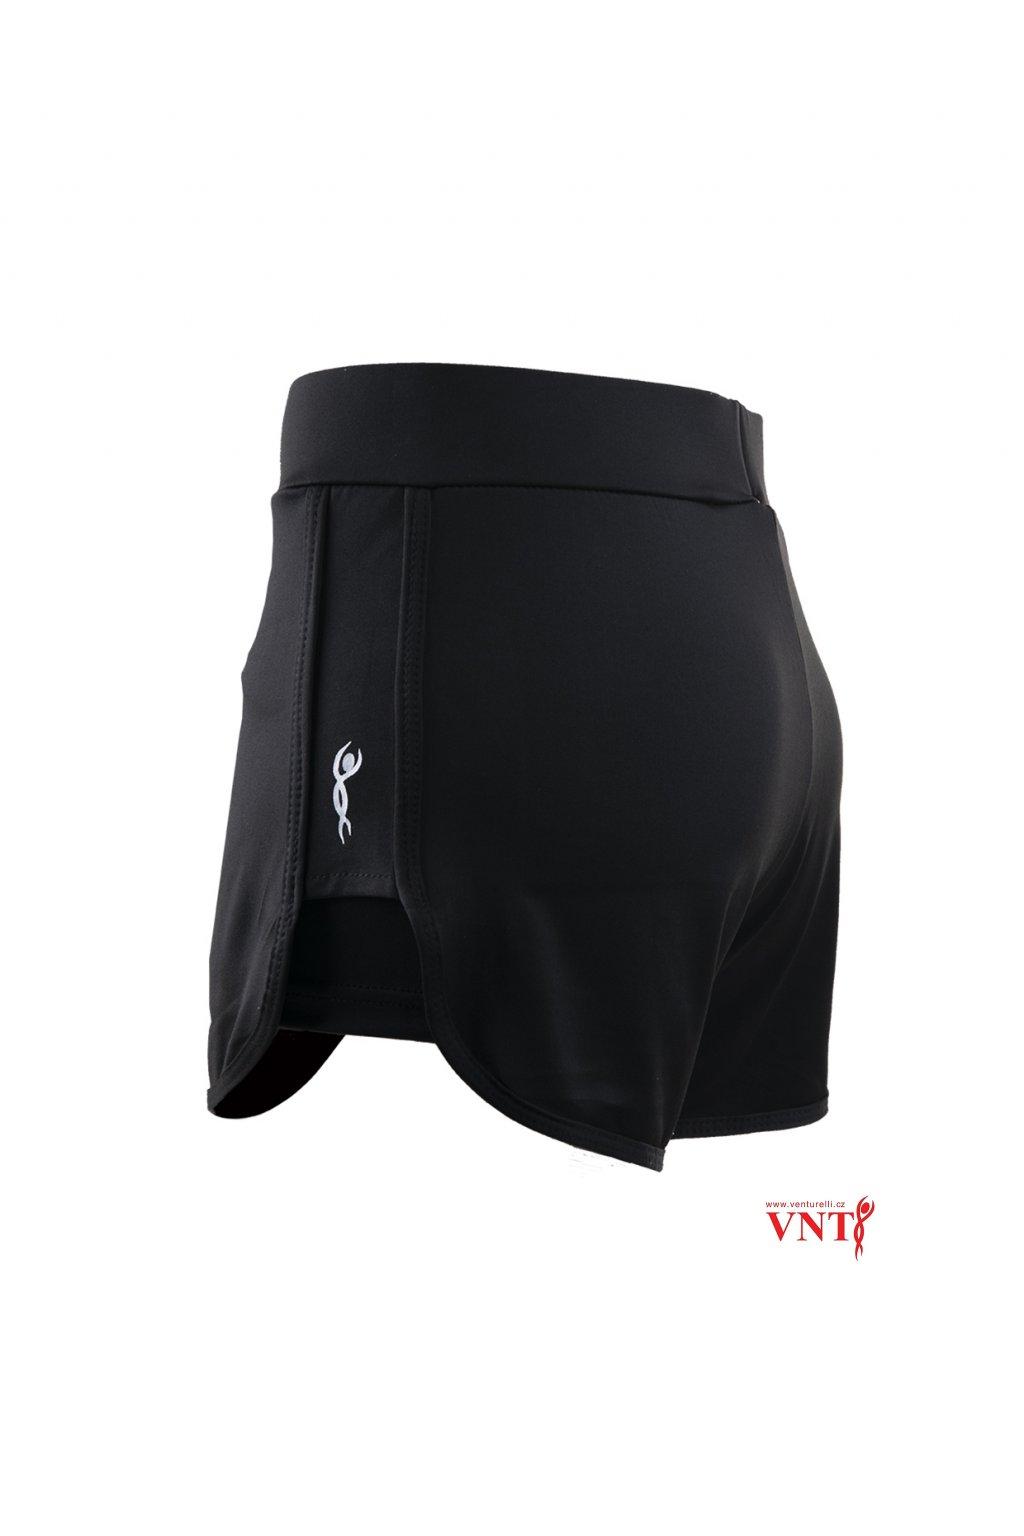 Šortky dvojité Venturelli černá boční SH1 00202